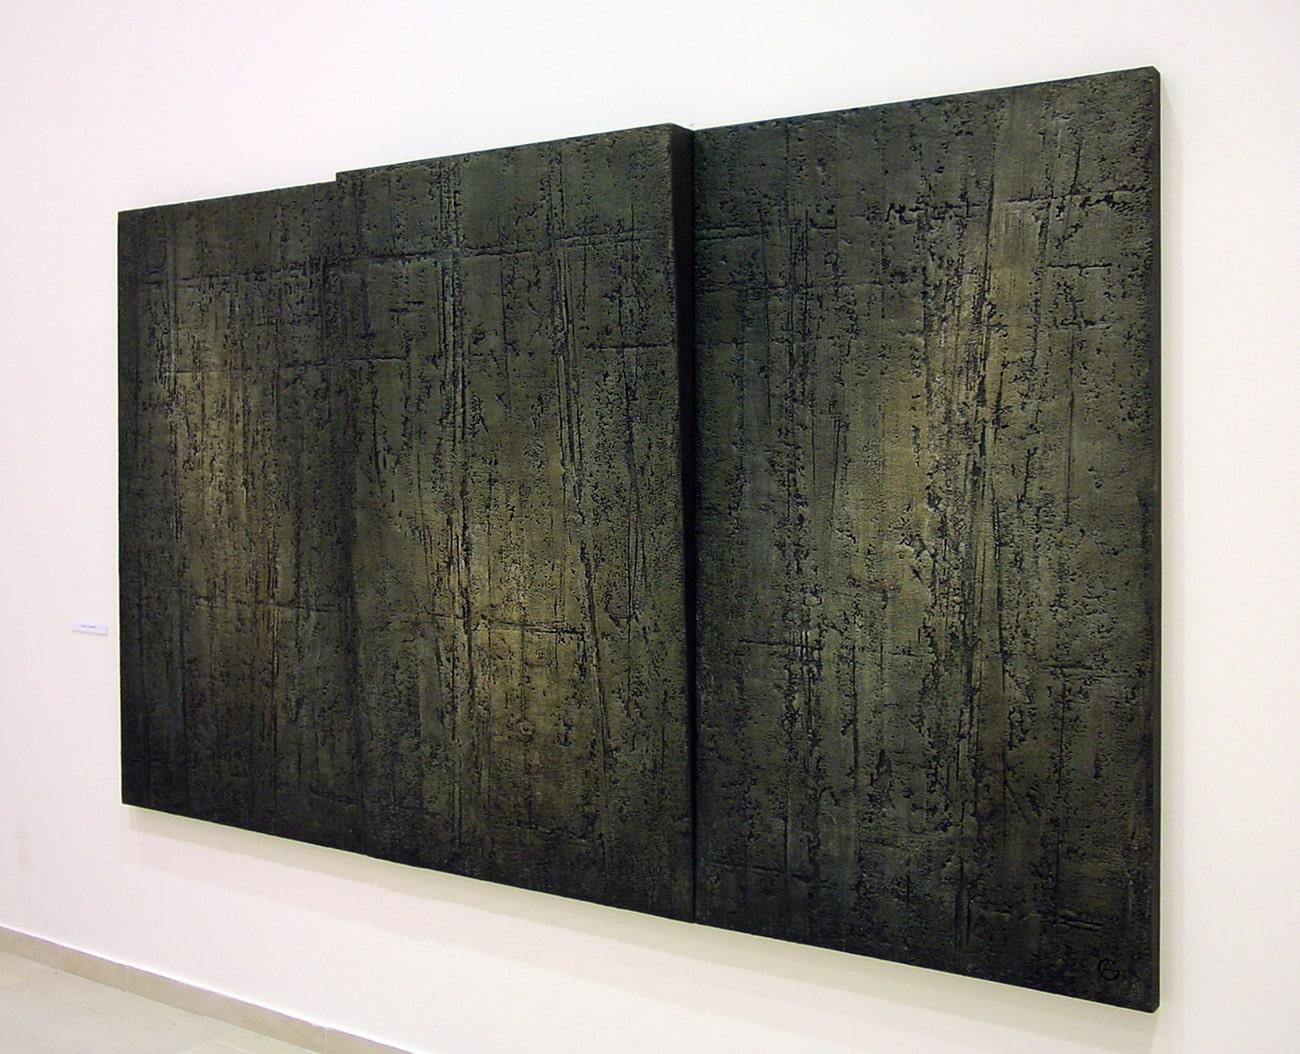 2009, MANK Galéria, Szentendre: Gáll Ádám képe